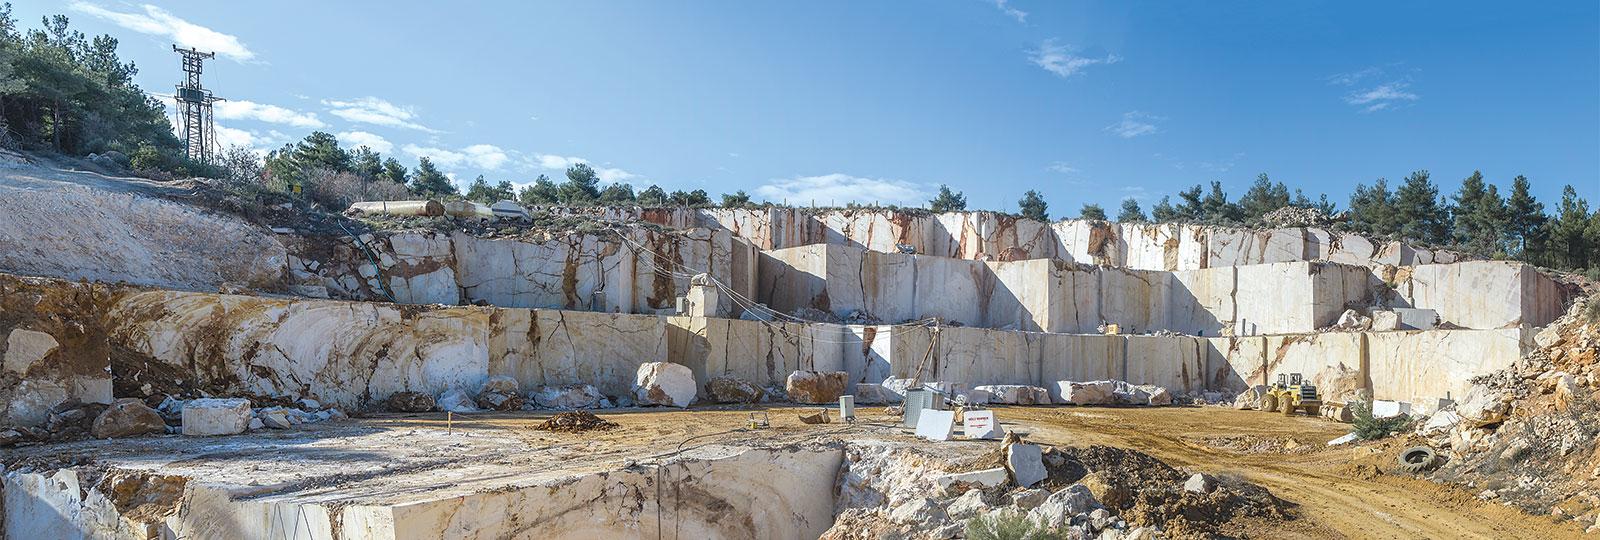 slider-quarry-2